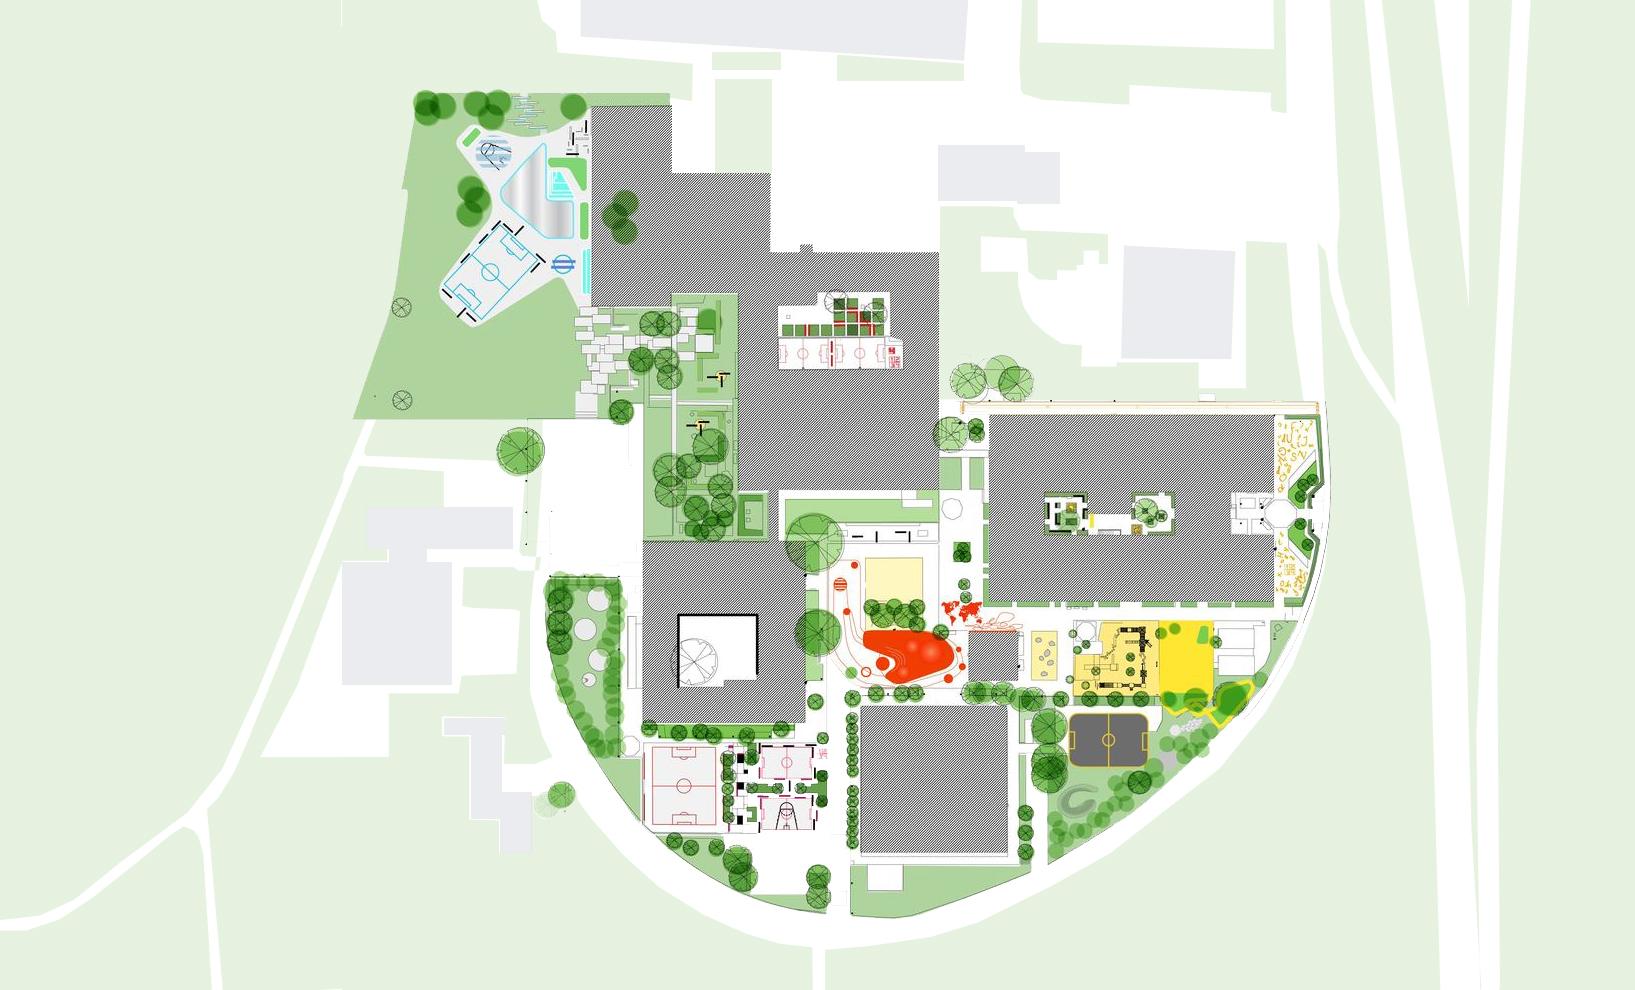 Plan: URBANlab nordic in cooperation with WHITE arkitekter